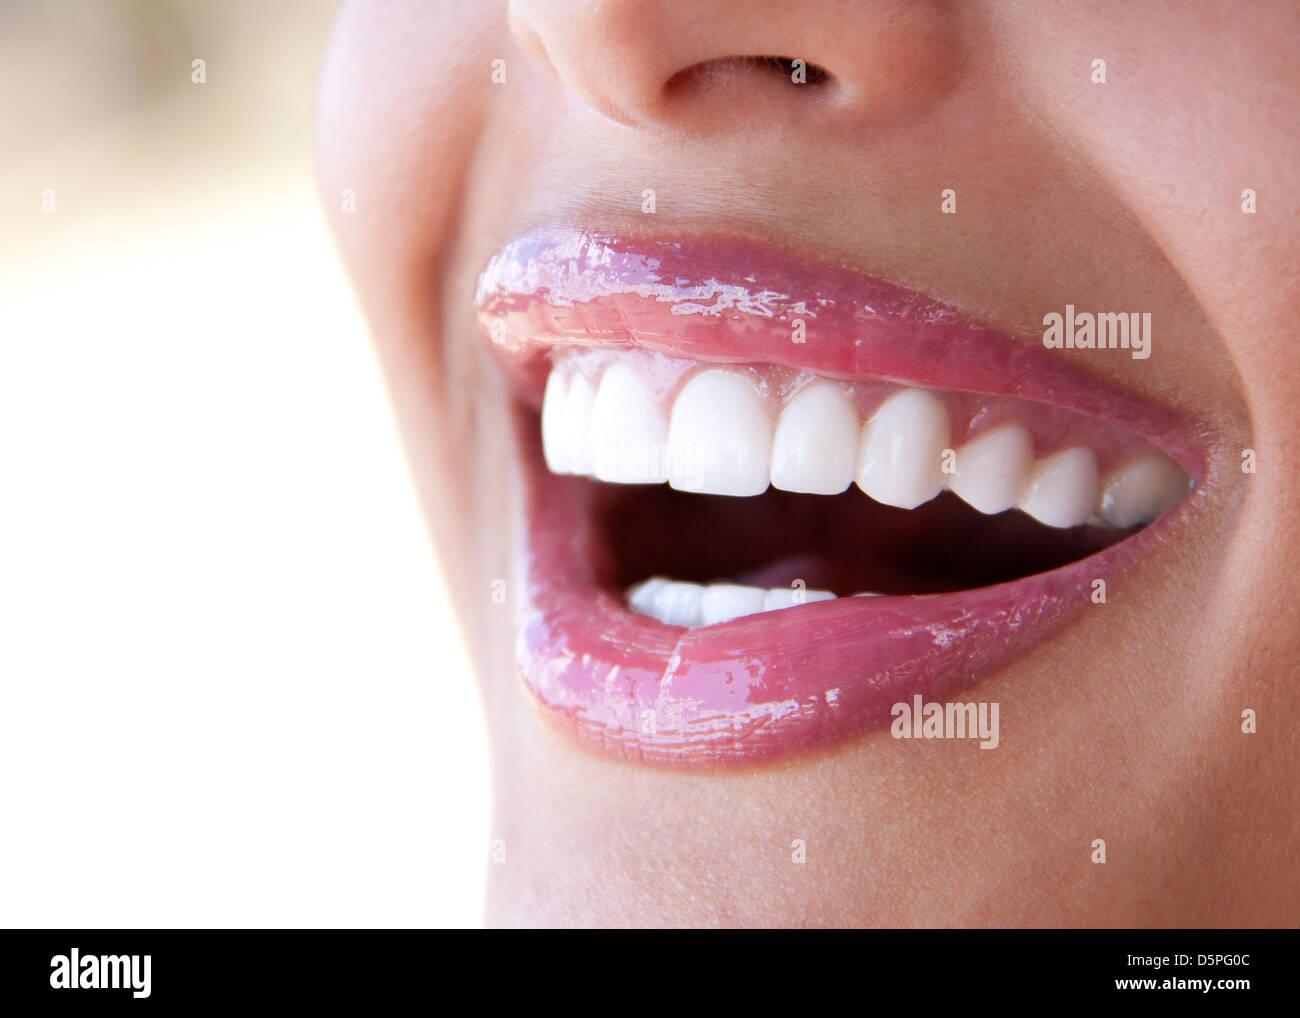 Nahaufnahme der perfekte weiße Zähne - Lächeln mit offenem Mund Stockbild